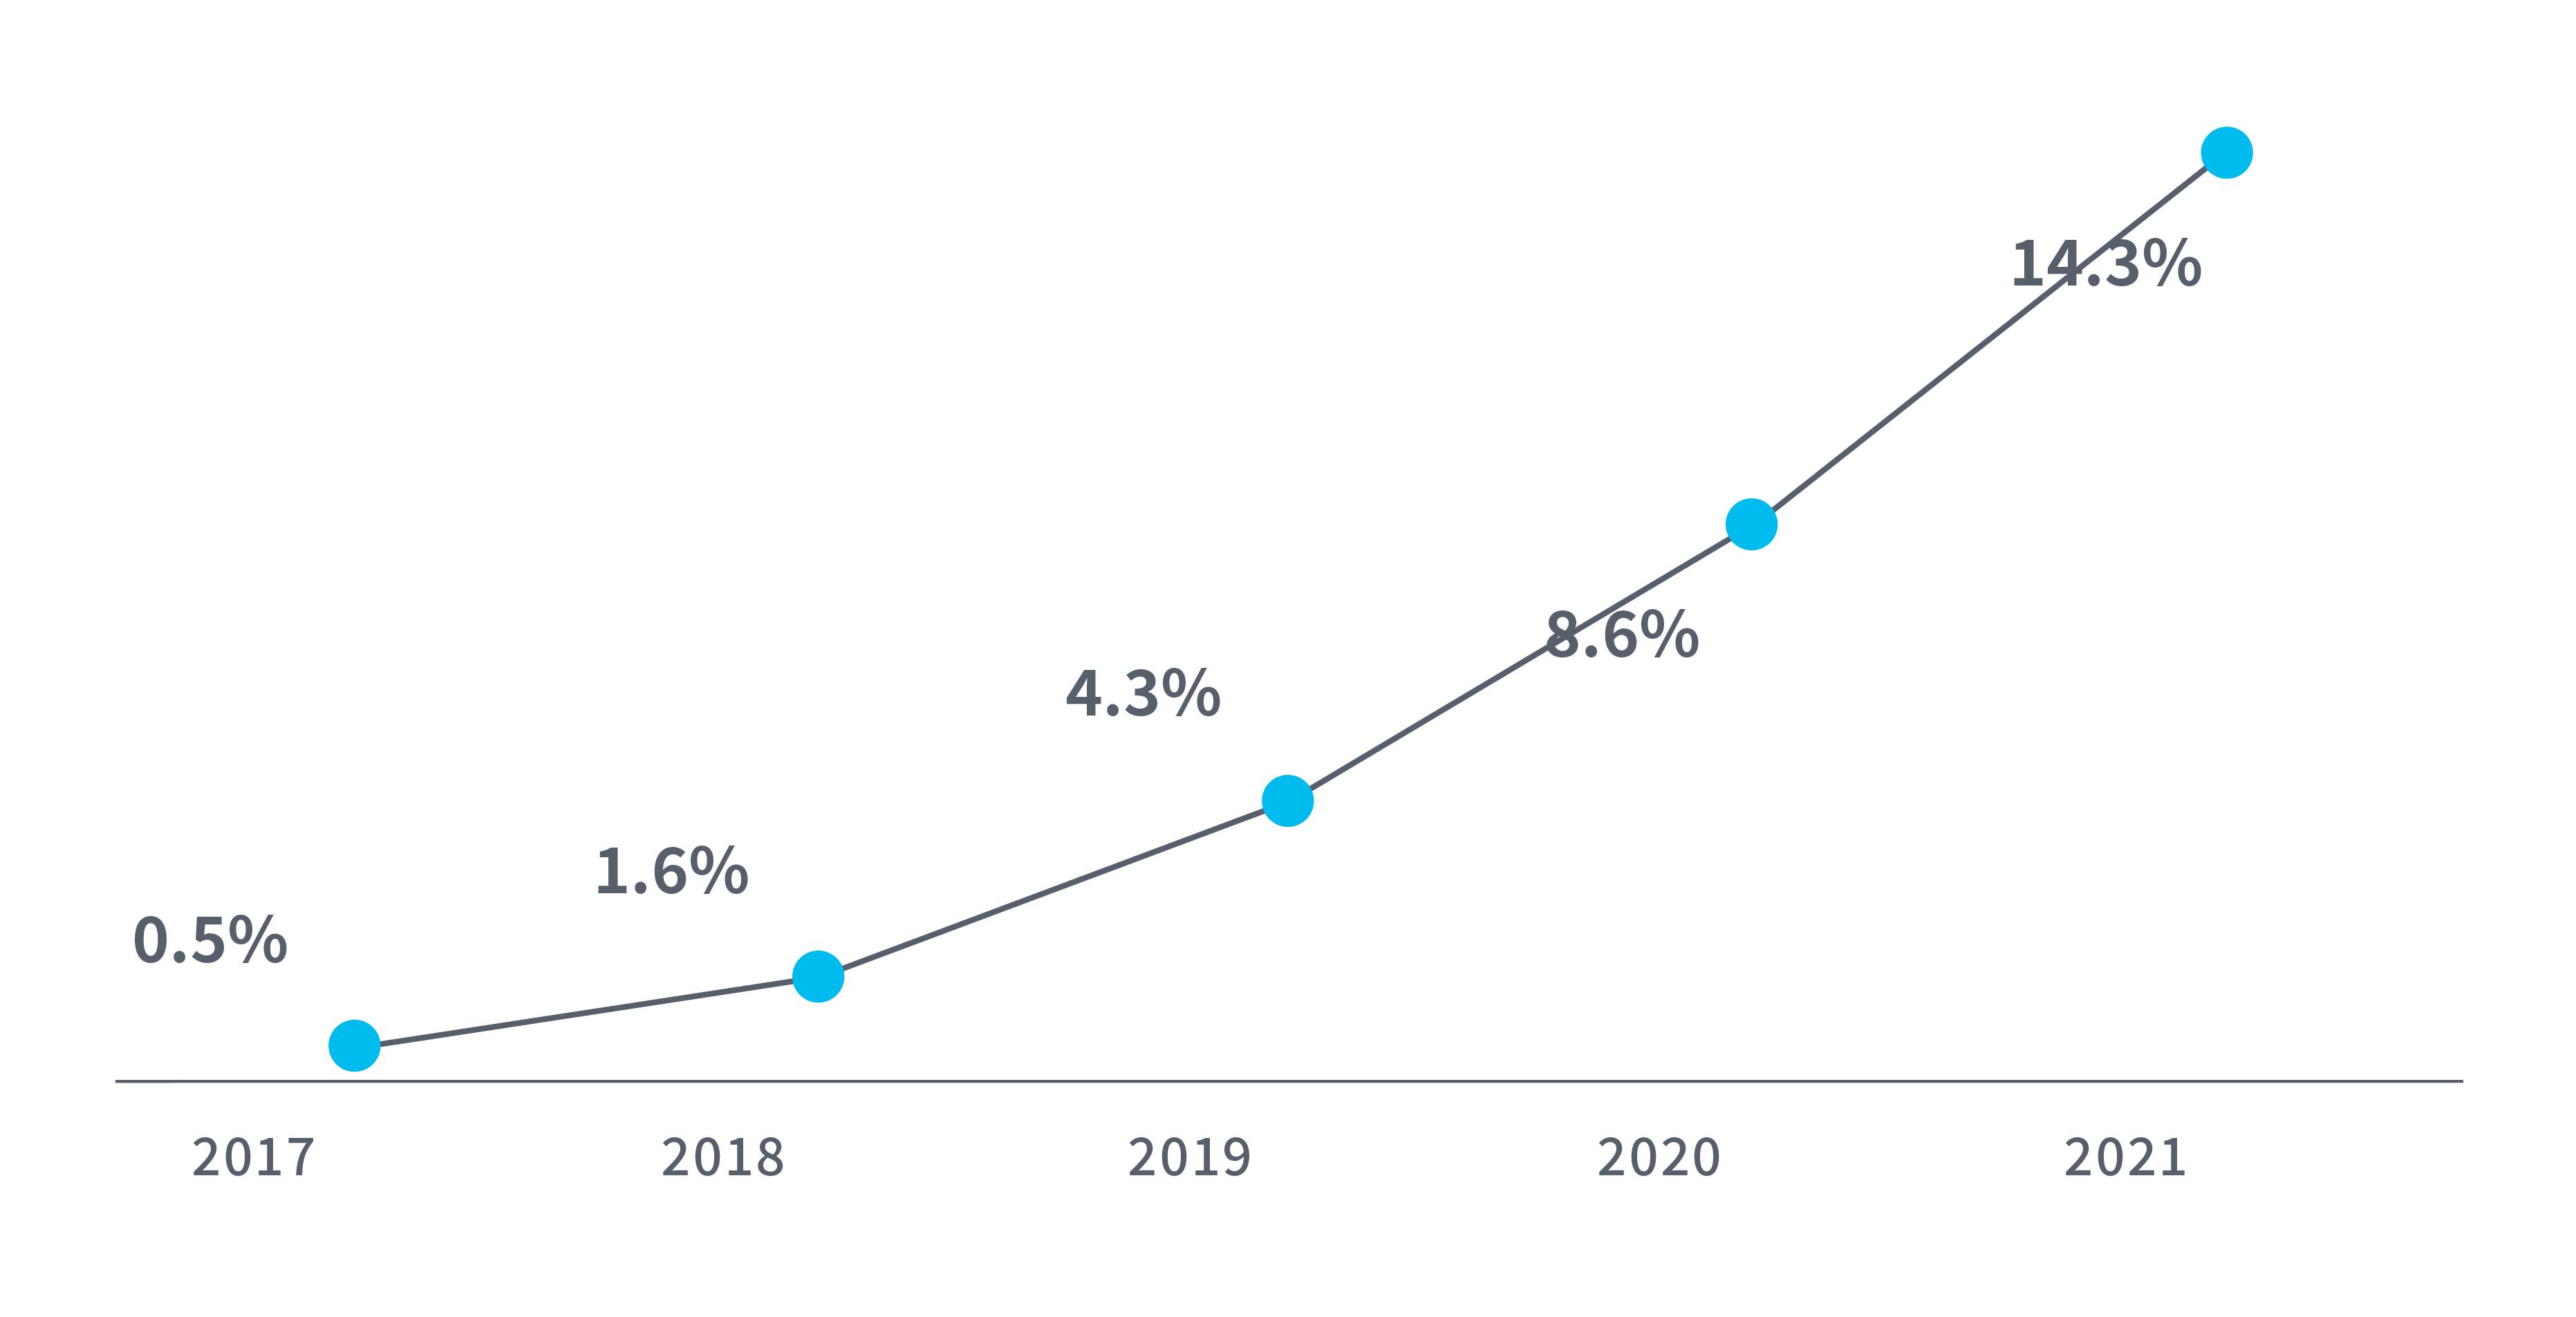 ライブコマースのシェア予測(対EC流通額)